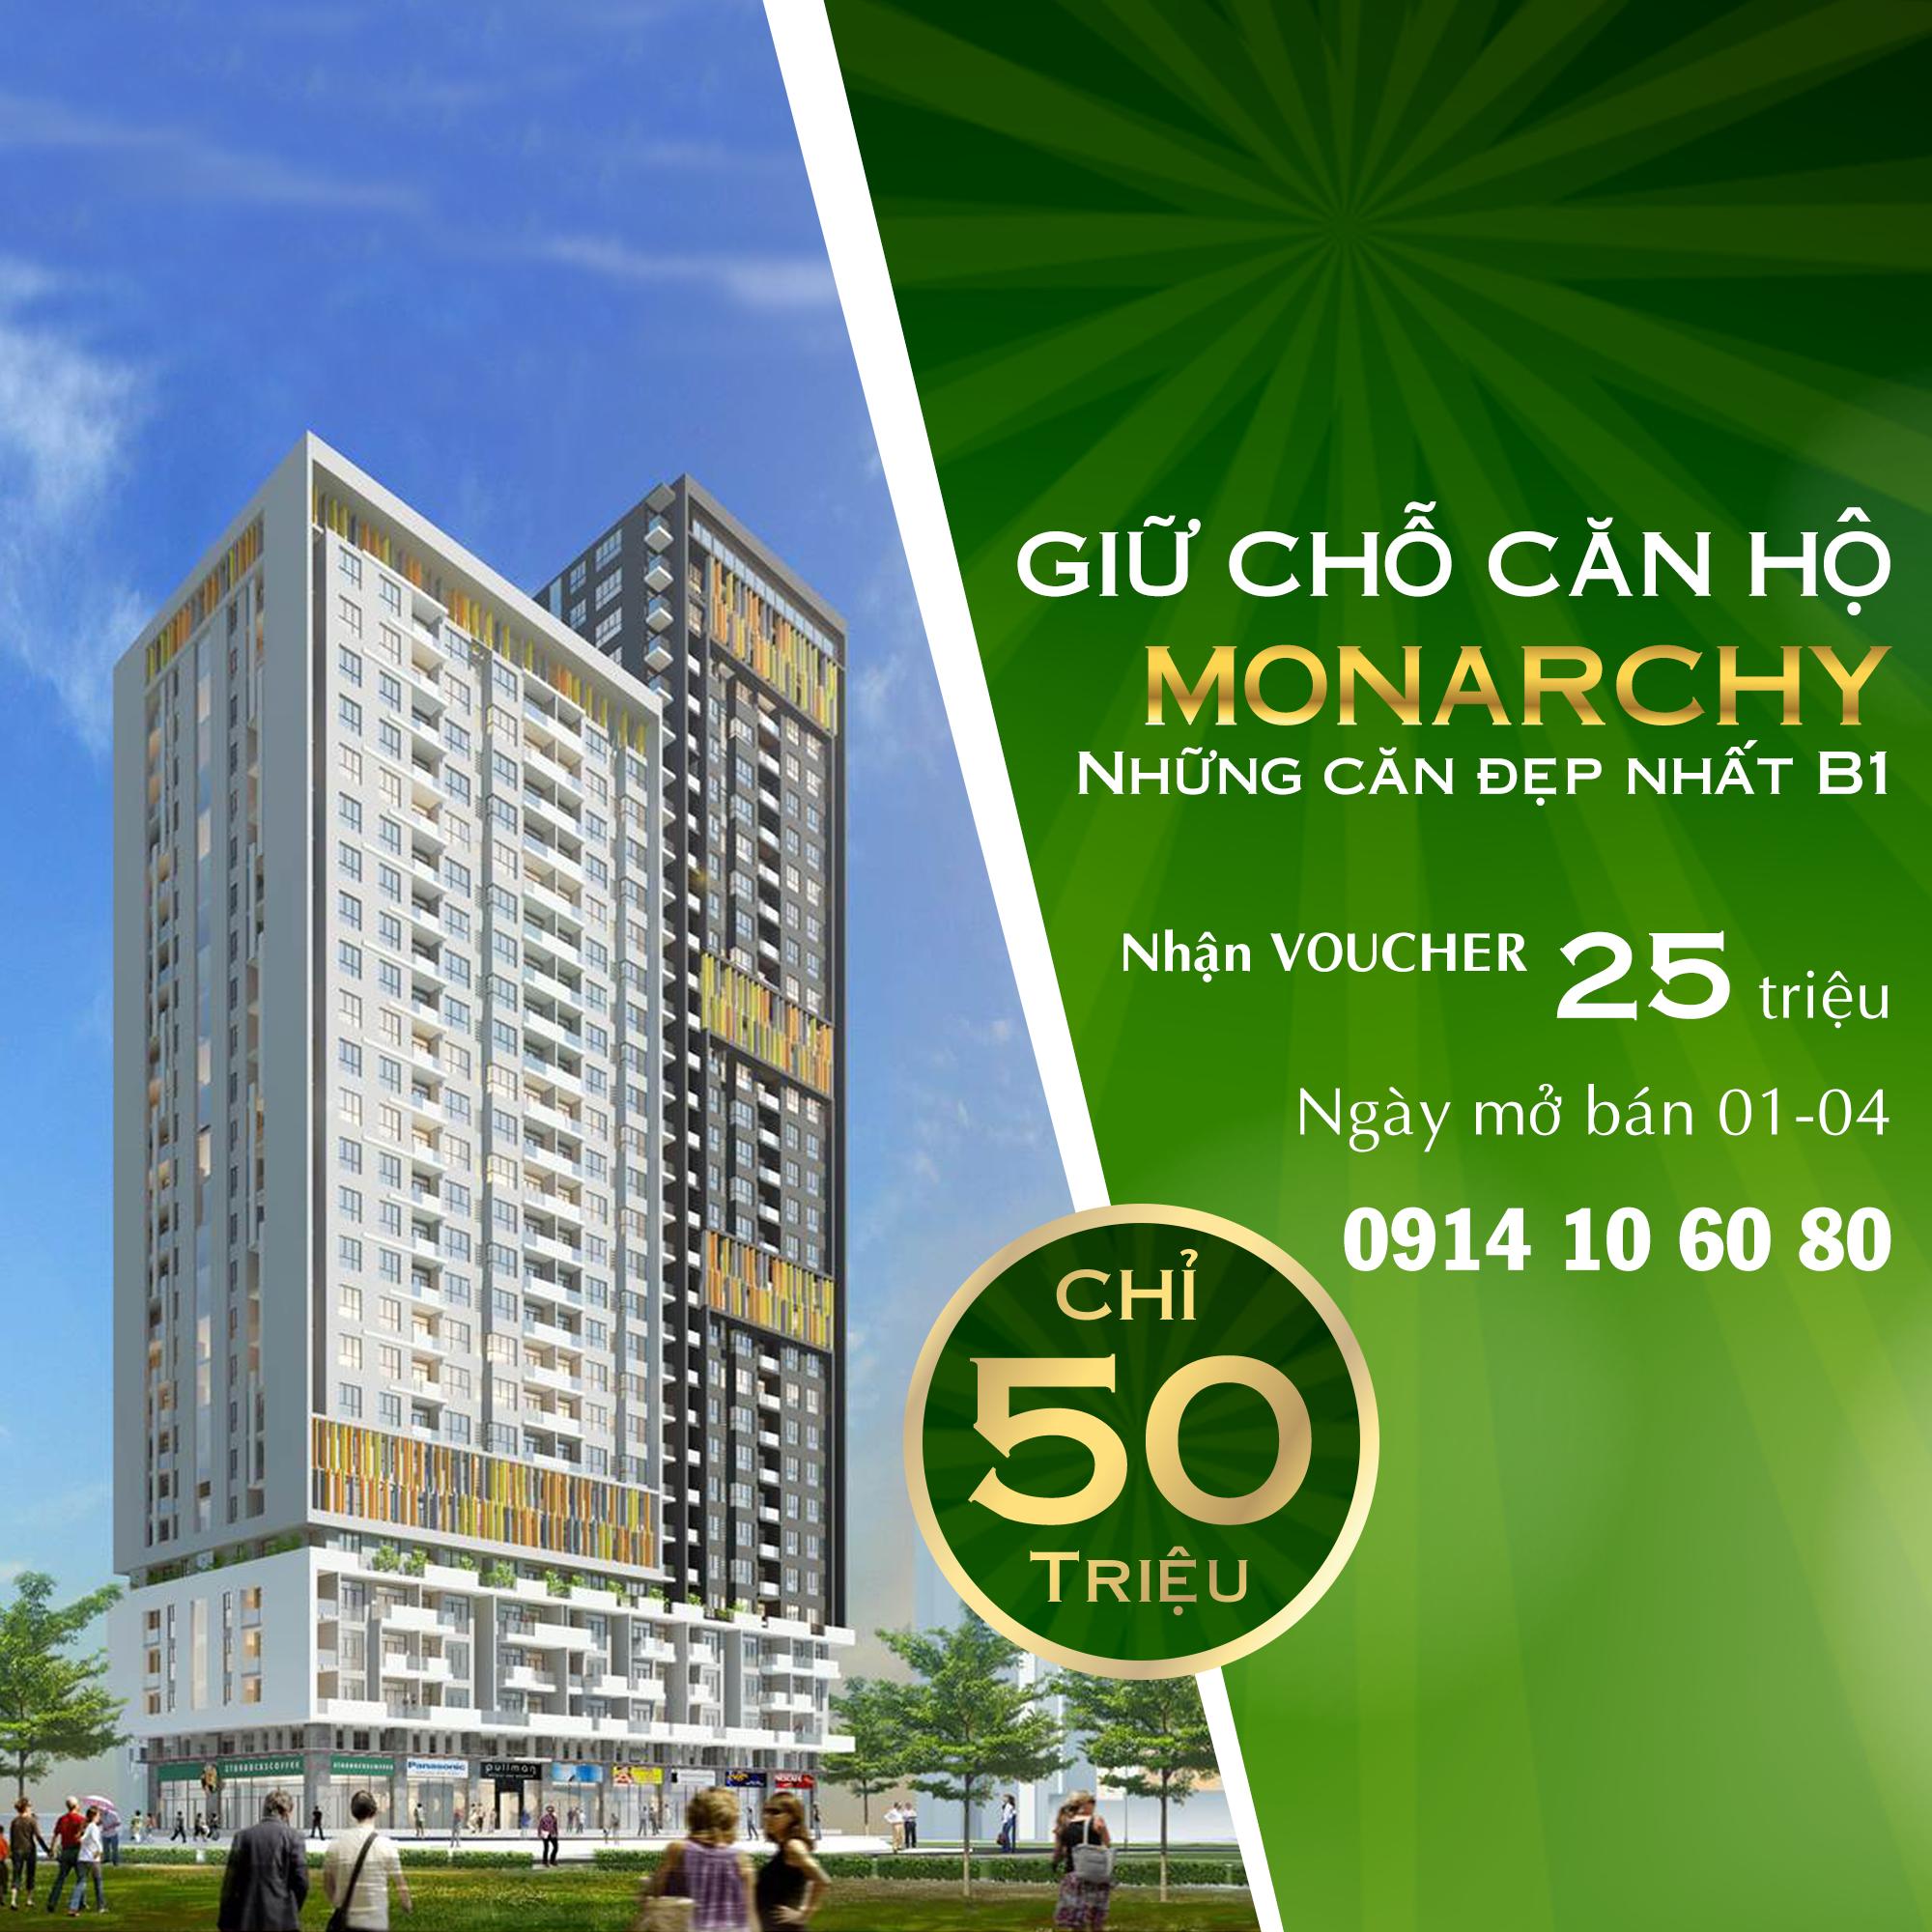 Nhận giữ chỗ căn hộ Monarchy Block B 50 triệu/ căn mở bán 31-3 tại Hà Nội